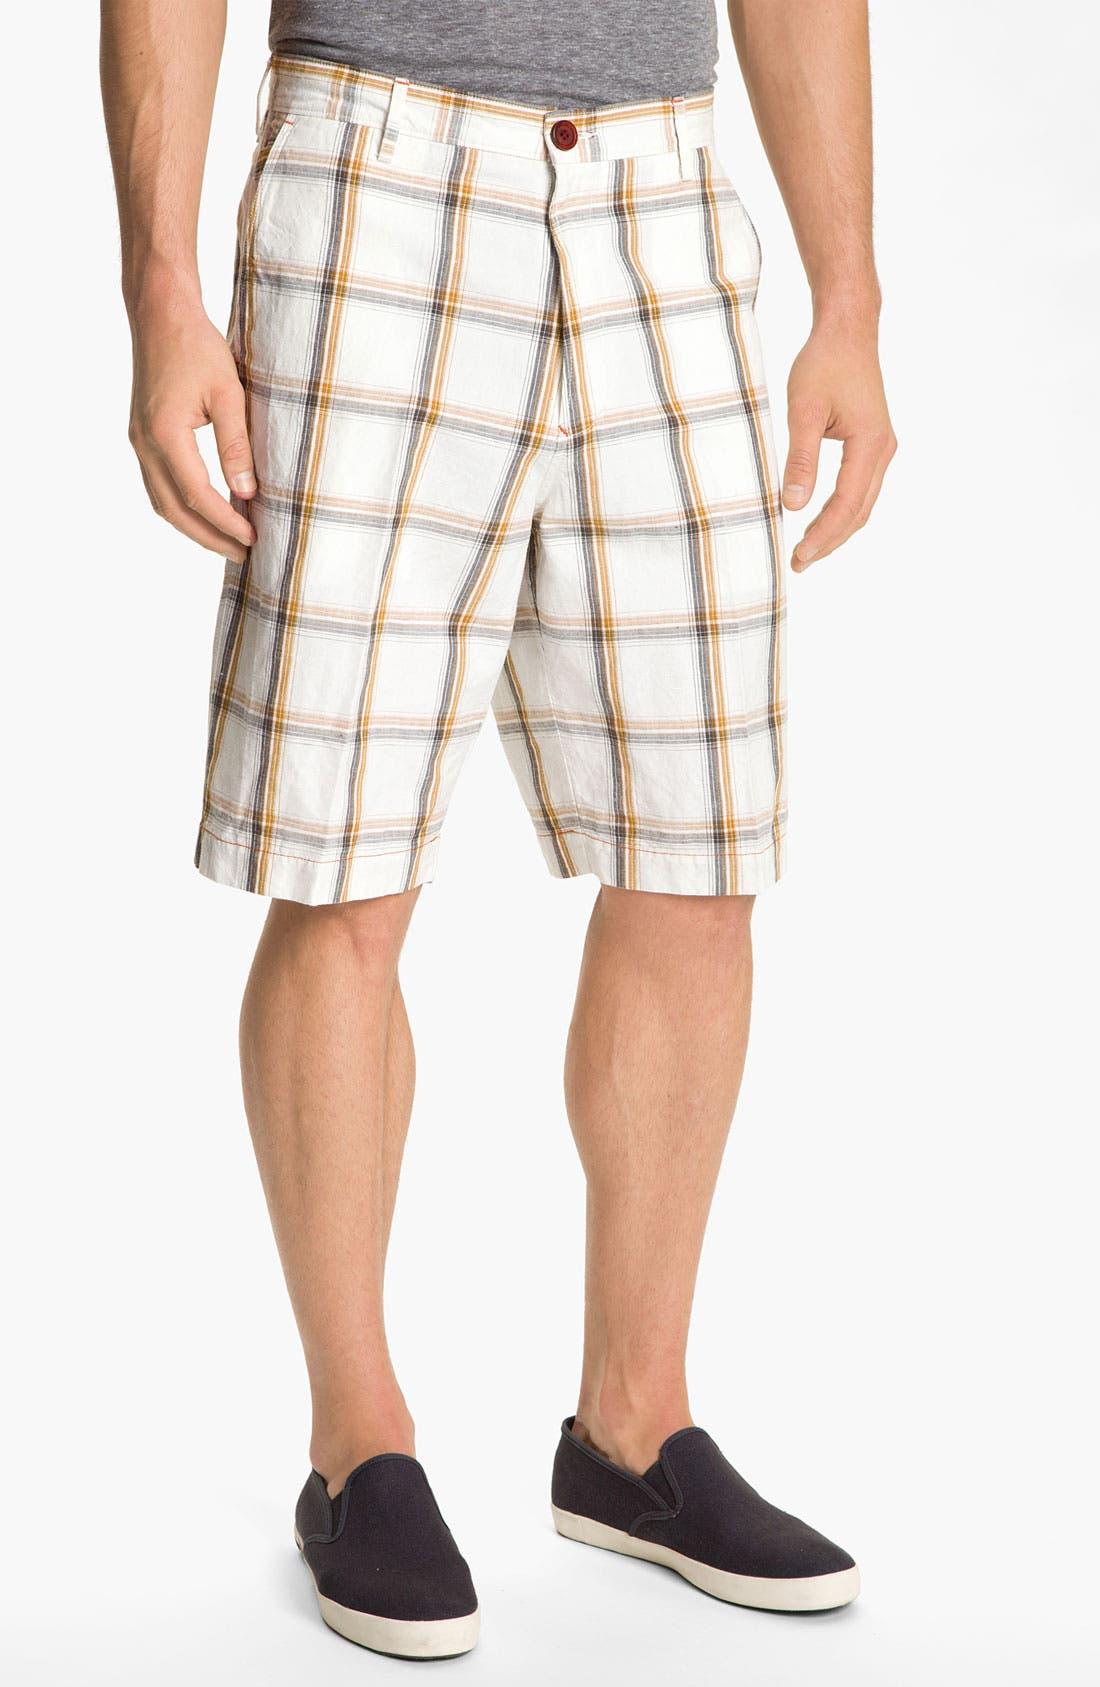 Alternate Image 1 Selected - Tommy Bahama 'Windowpane of Opportunity' Shorts